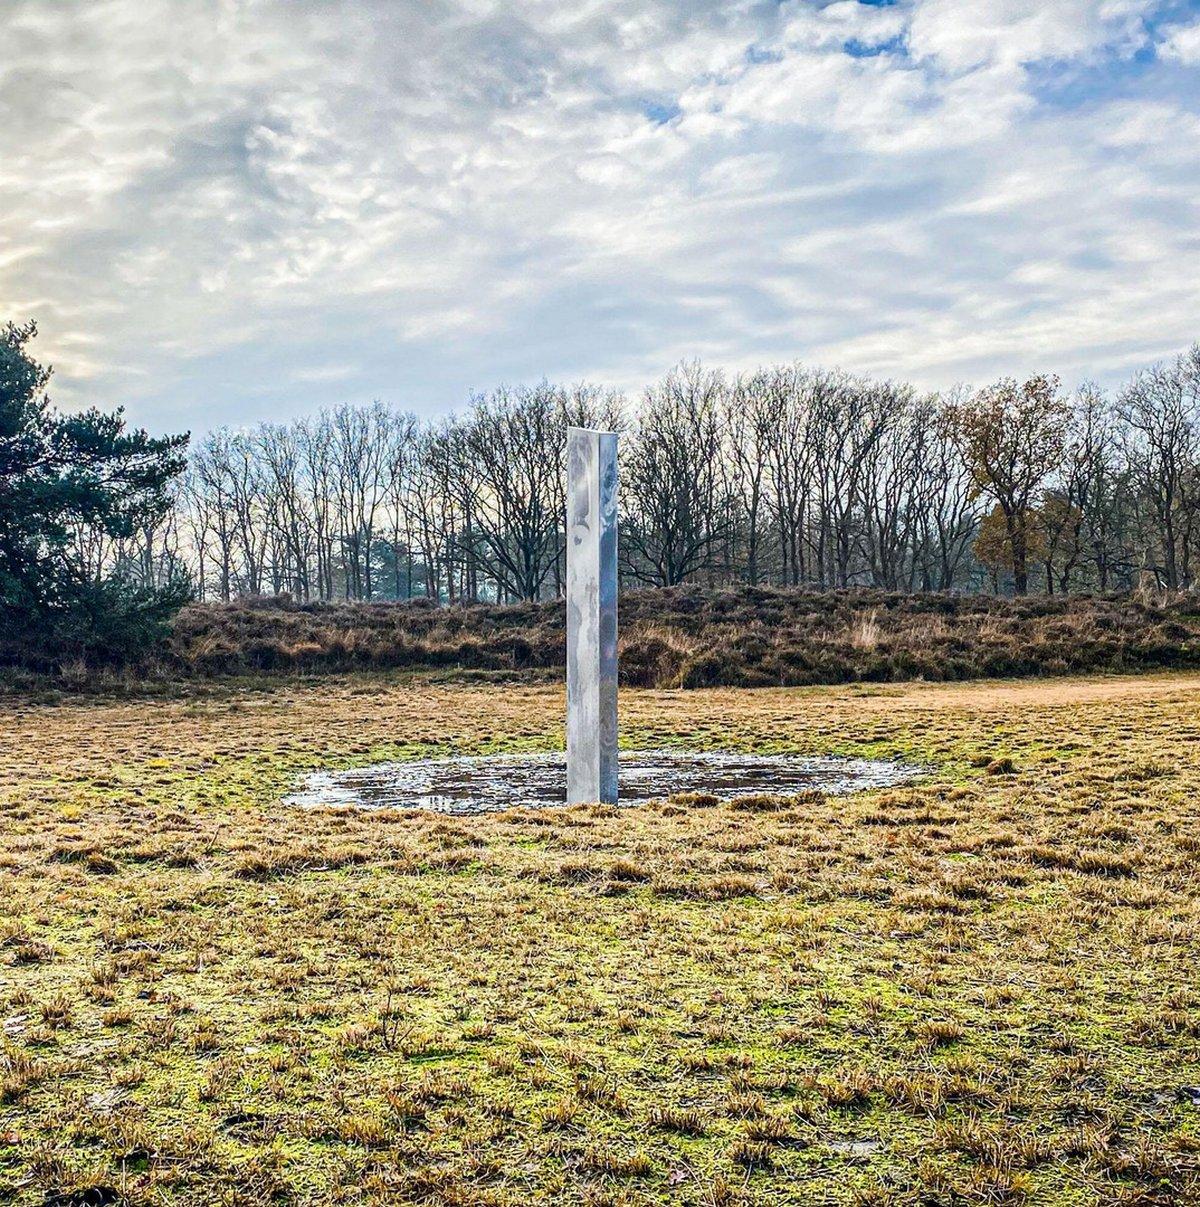 Un autre monolithe mystérieux vient d'apparaître aux Pays-Bas